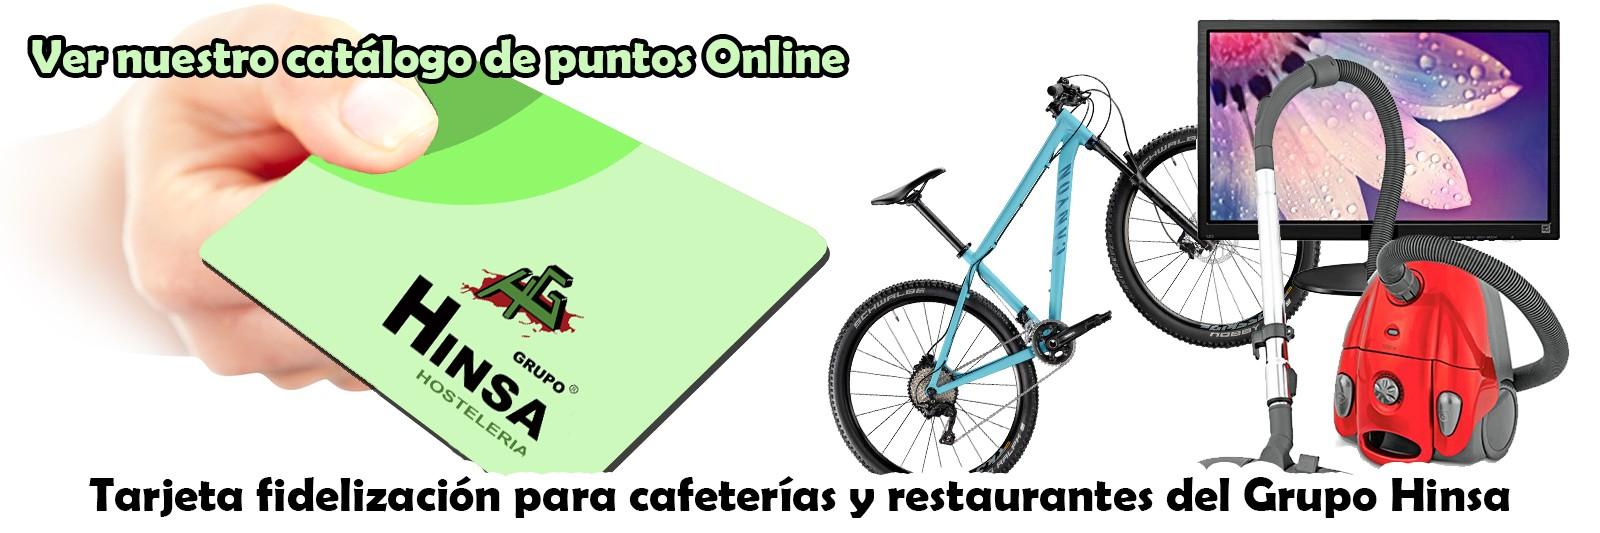 catalogo puntos - restaurantes y cafeterías del grupo hinsa